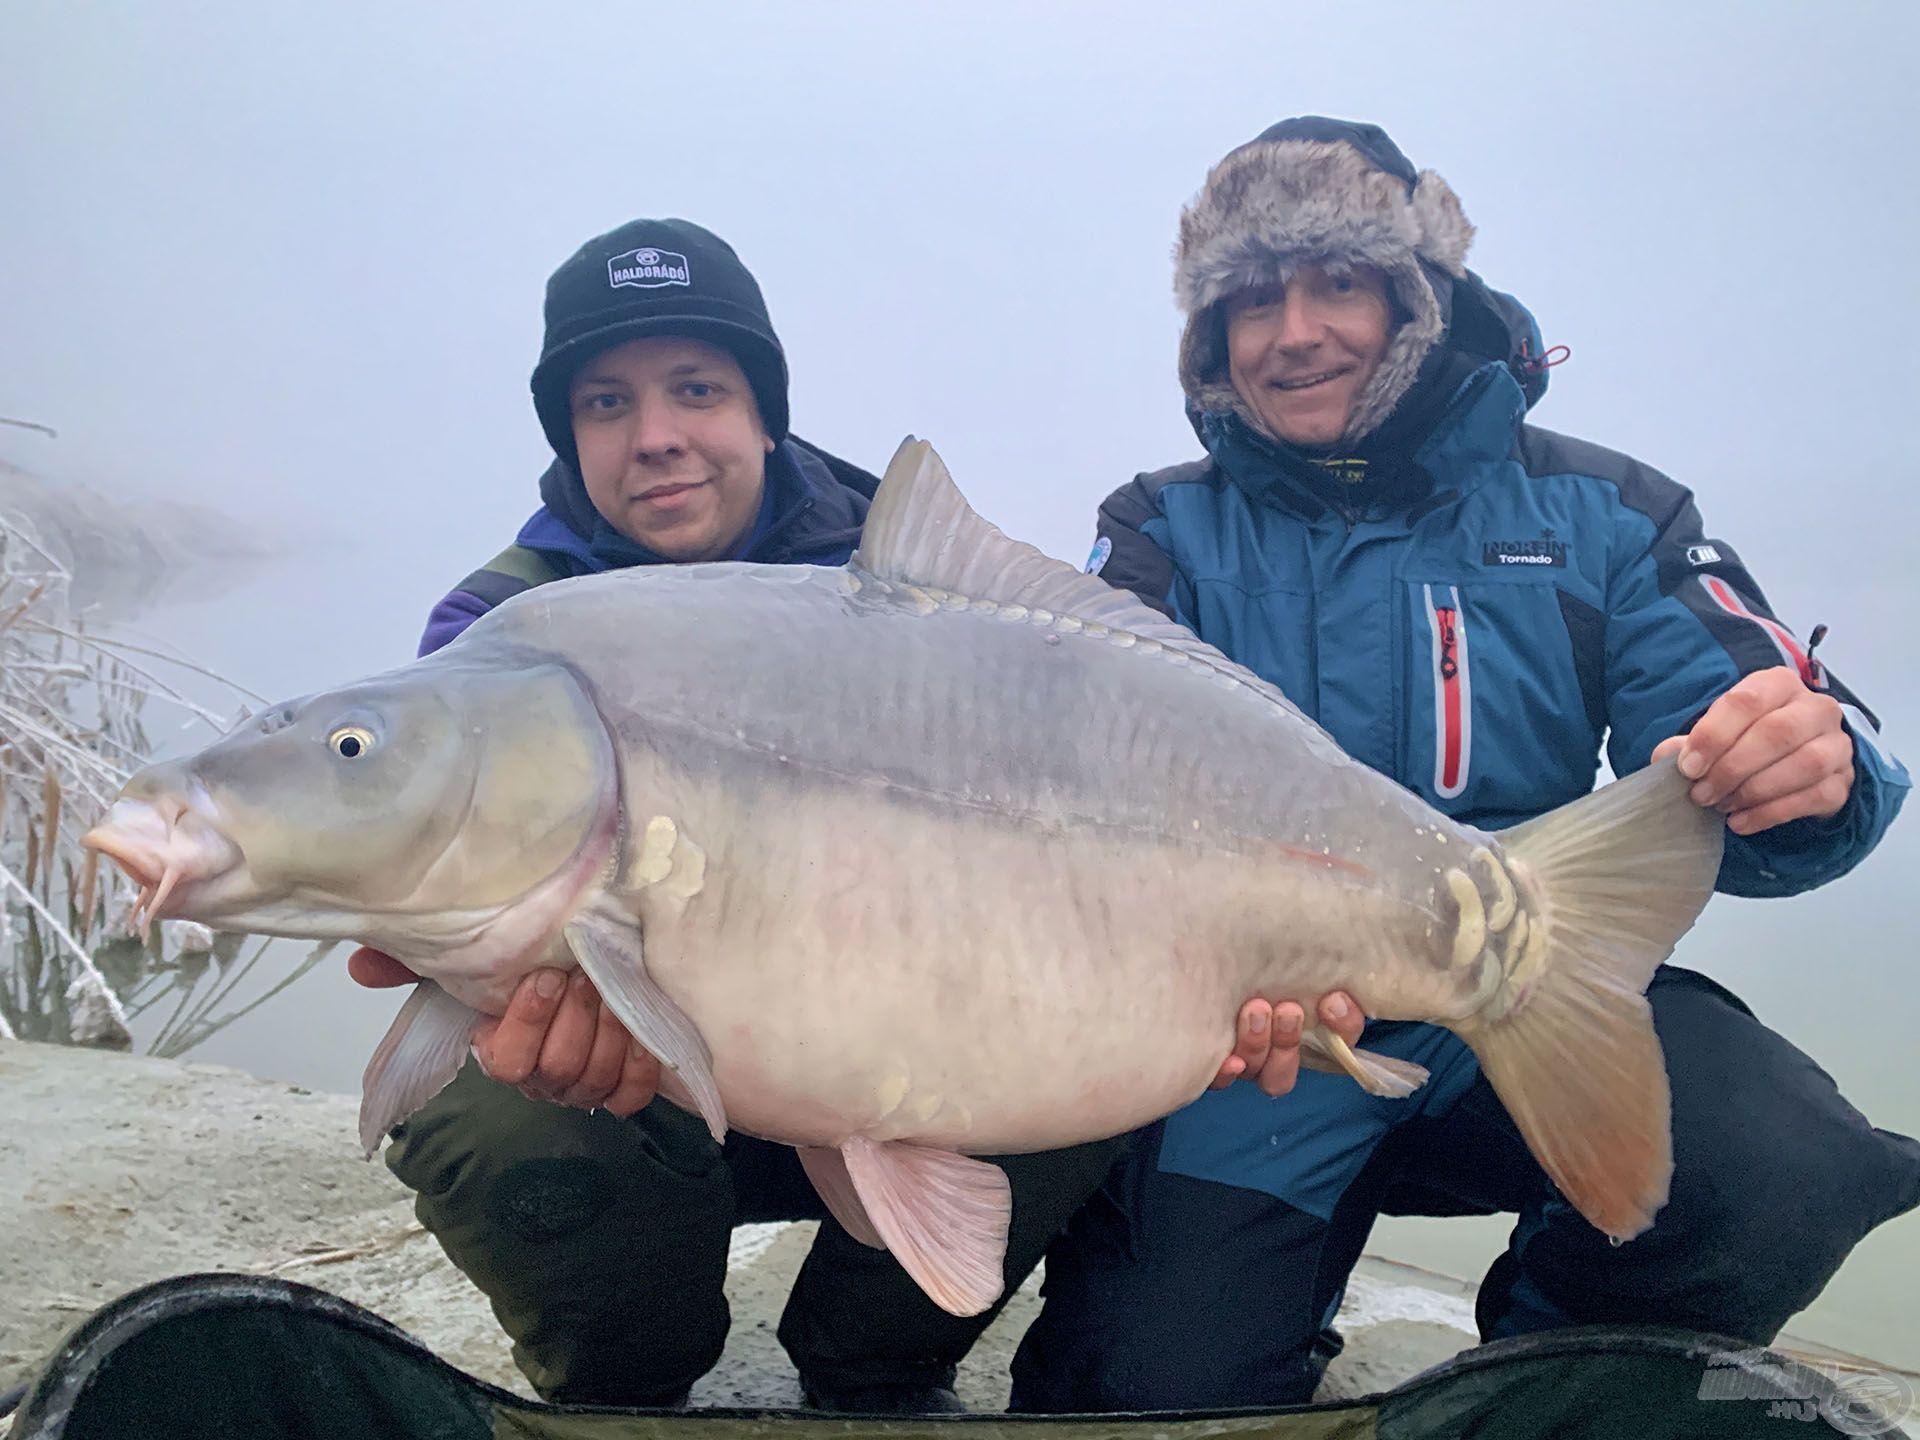 Már az elbúcsúzás után, az utolsó pillanatban fogta meg Gábor ezt a kapitális tükörpontyot, amely idei legnagyobb hala (januárban)! Lehet ennél jobb befejezés?!